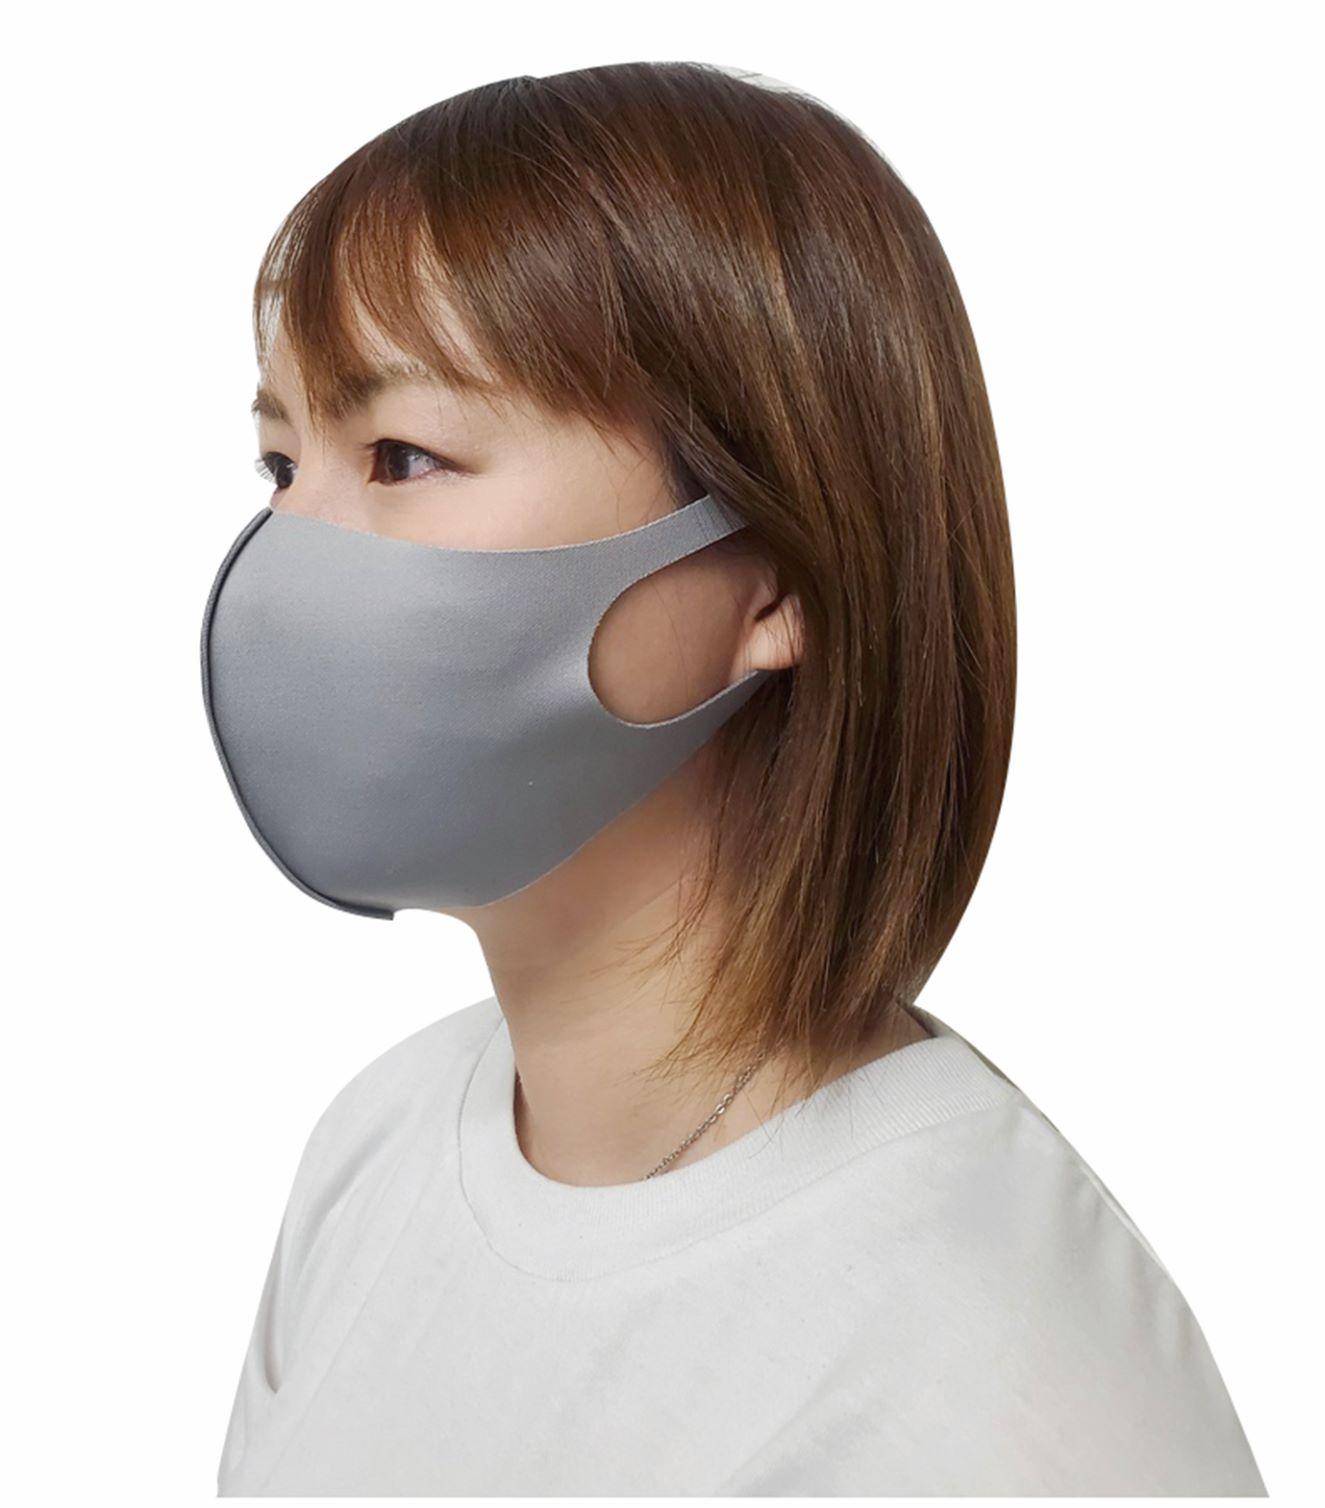 クールフィットマスク 3枚入 グレー